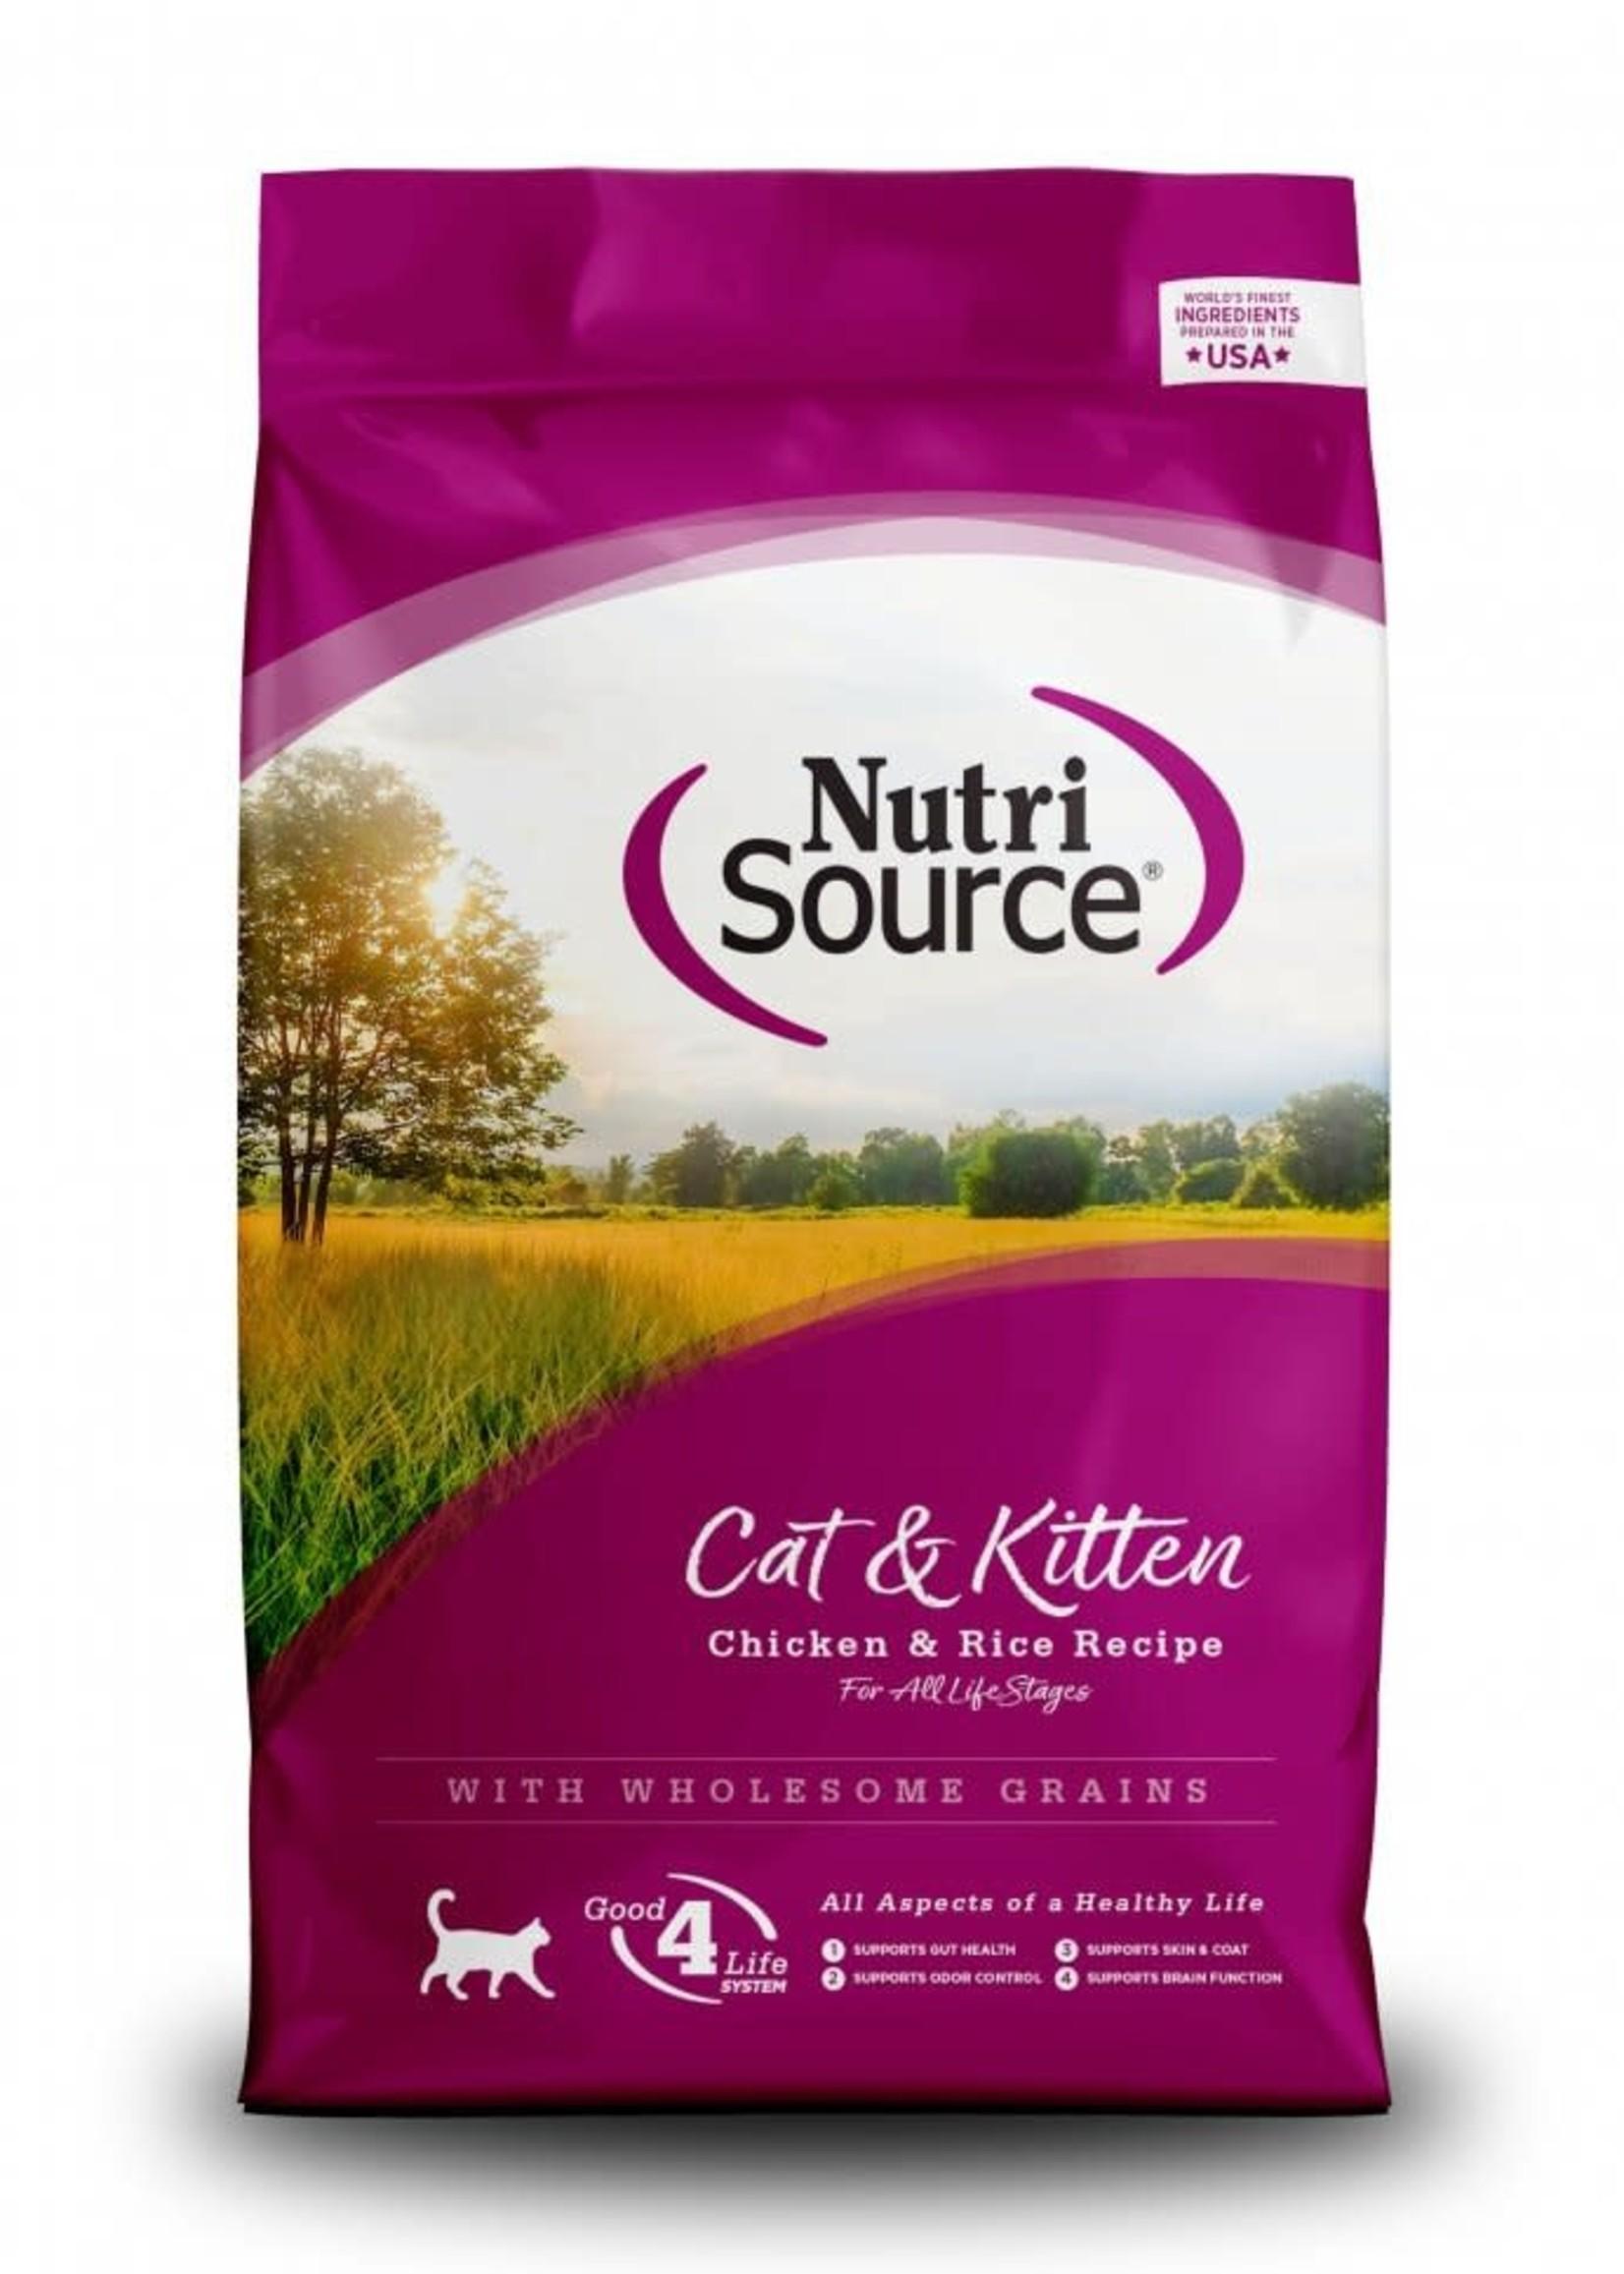 Nutrisource NutriSource Cat & Kitten Dry Cat Food 16lbs